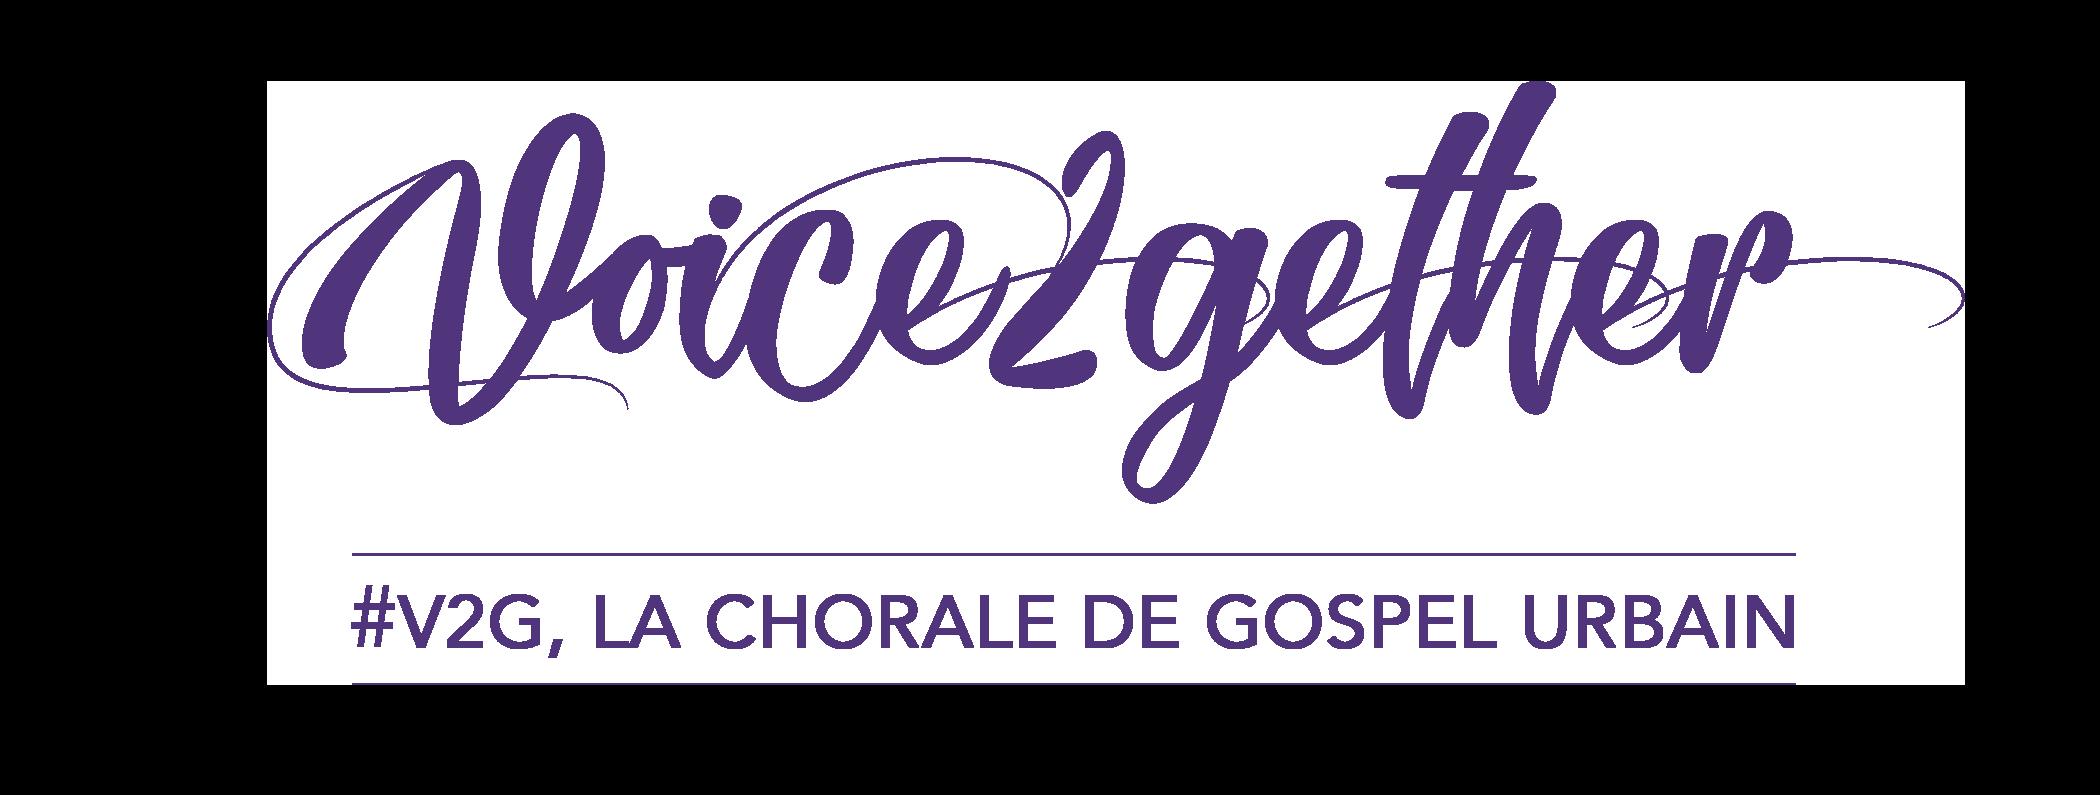 voice2gether la chorale de gospel urbain